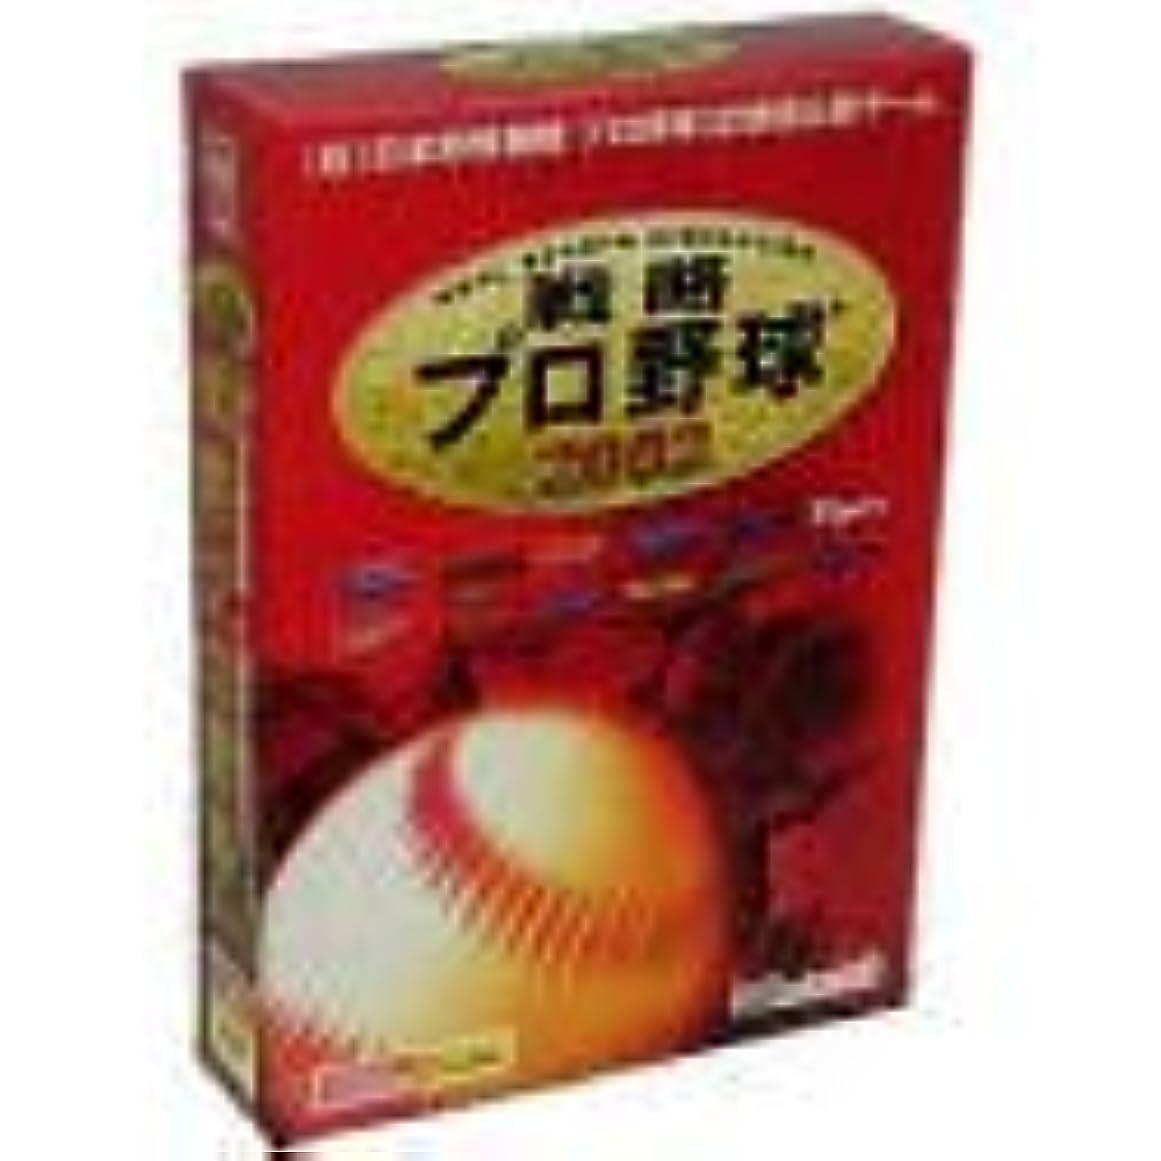 唯物論神経衰弱売る戦略プロ野球 2002